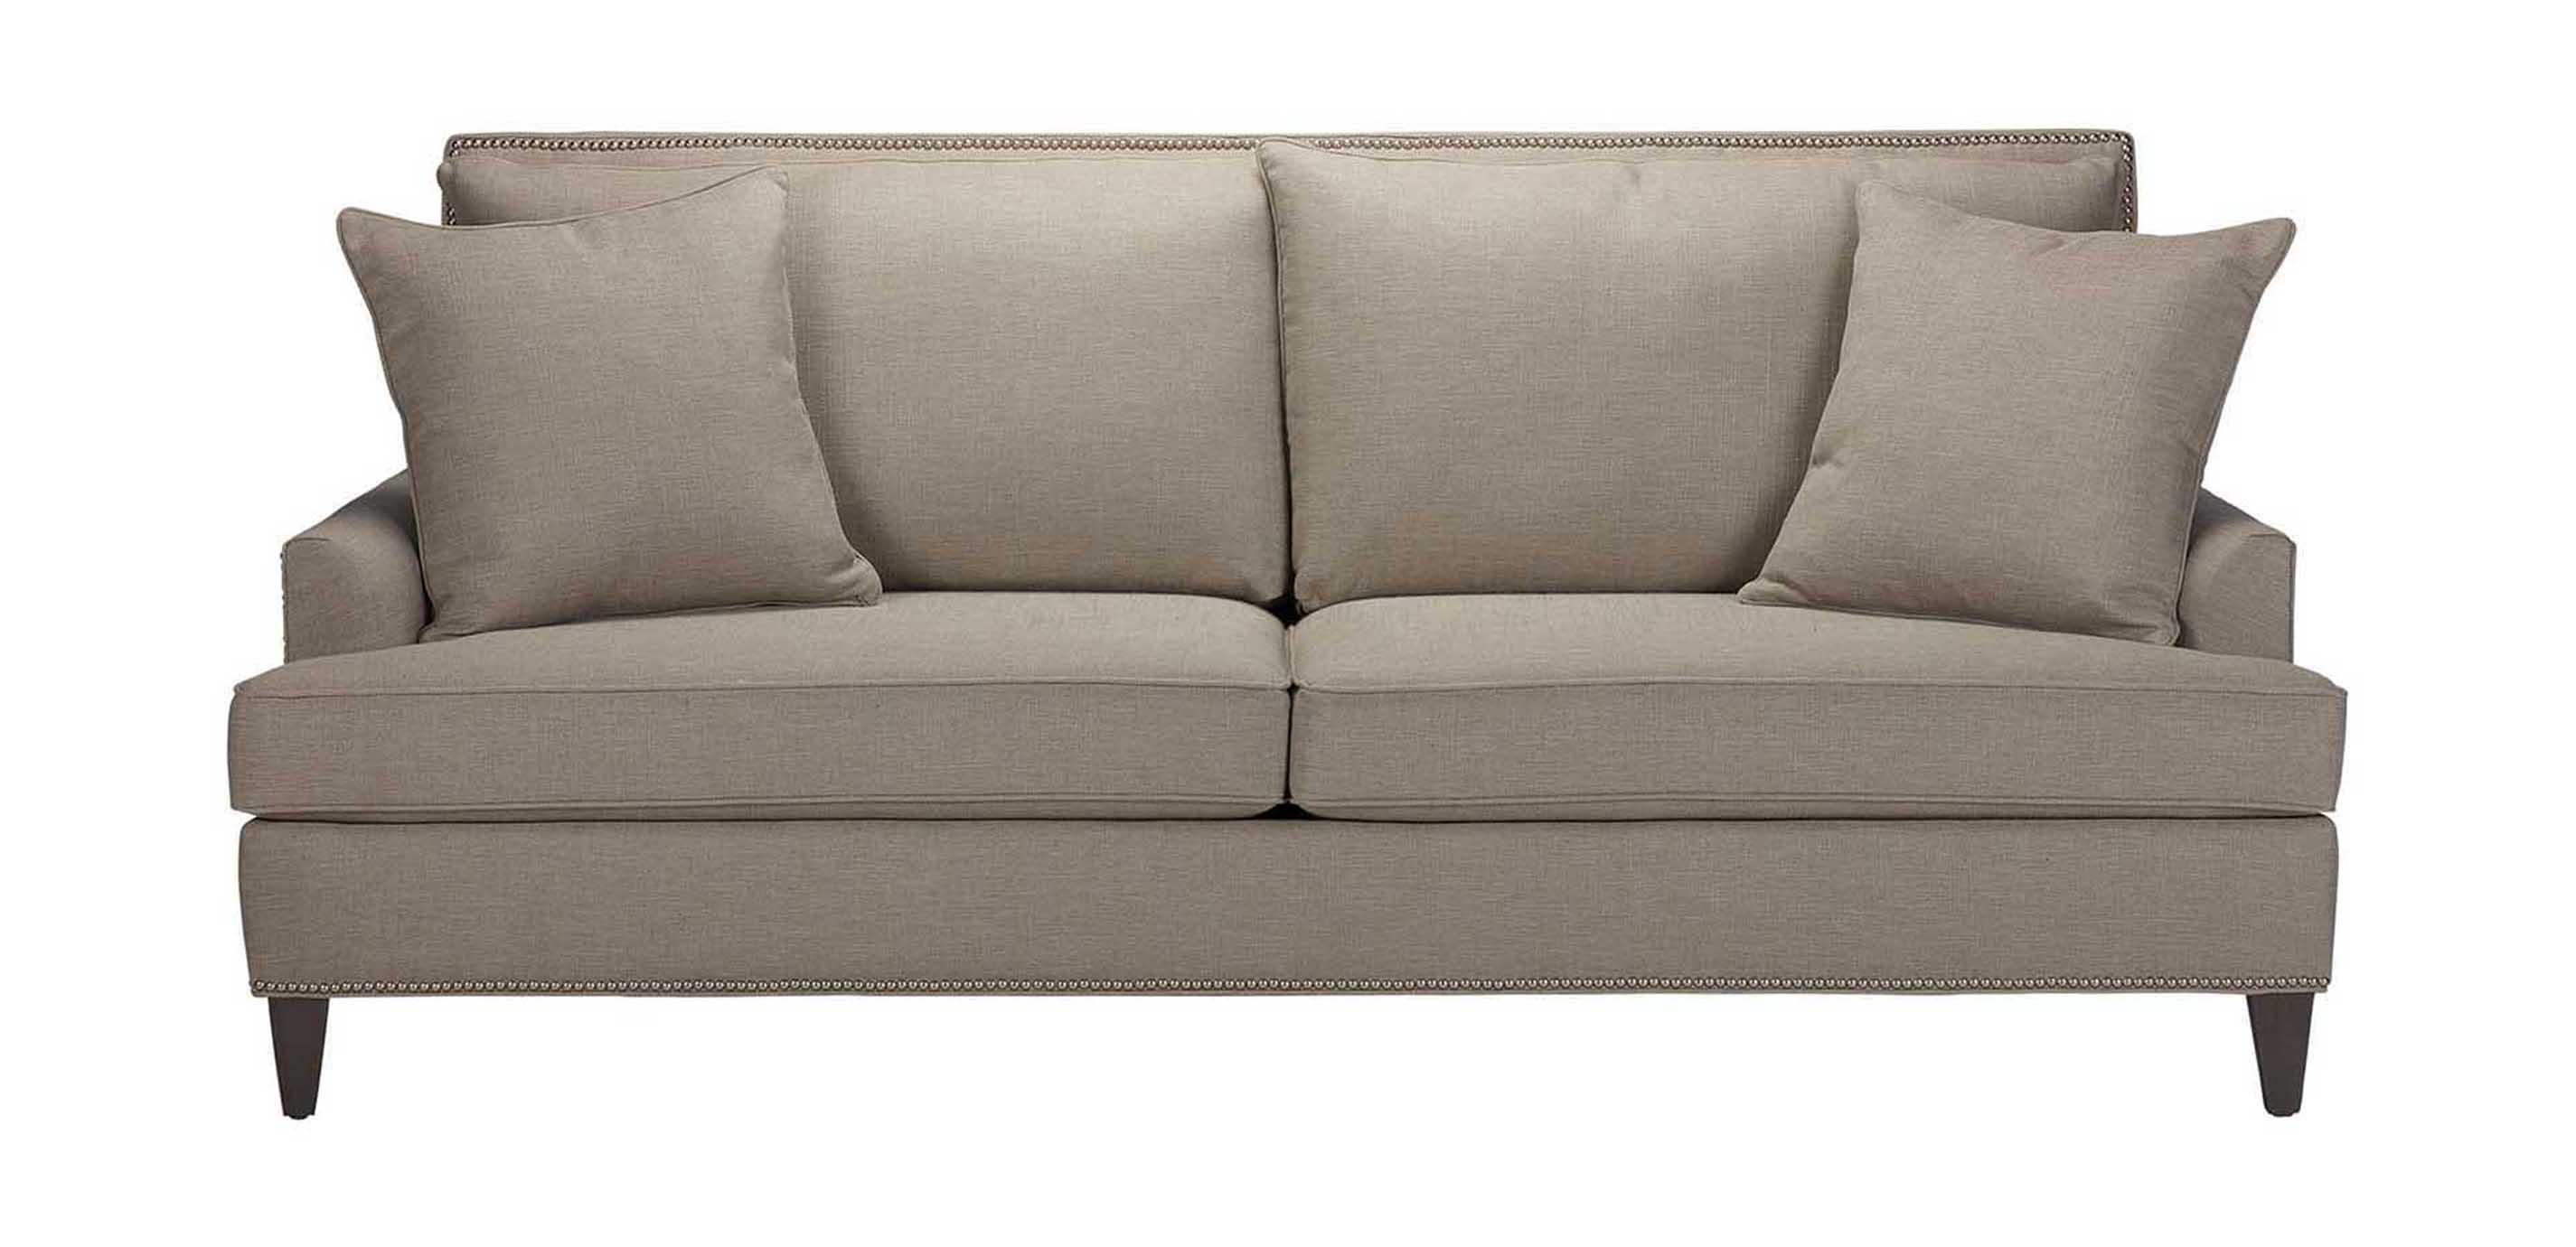 Wyndam Tall Back Sofa Tall Back Couch Ethan Allen